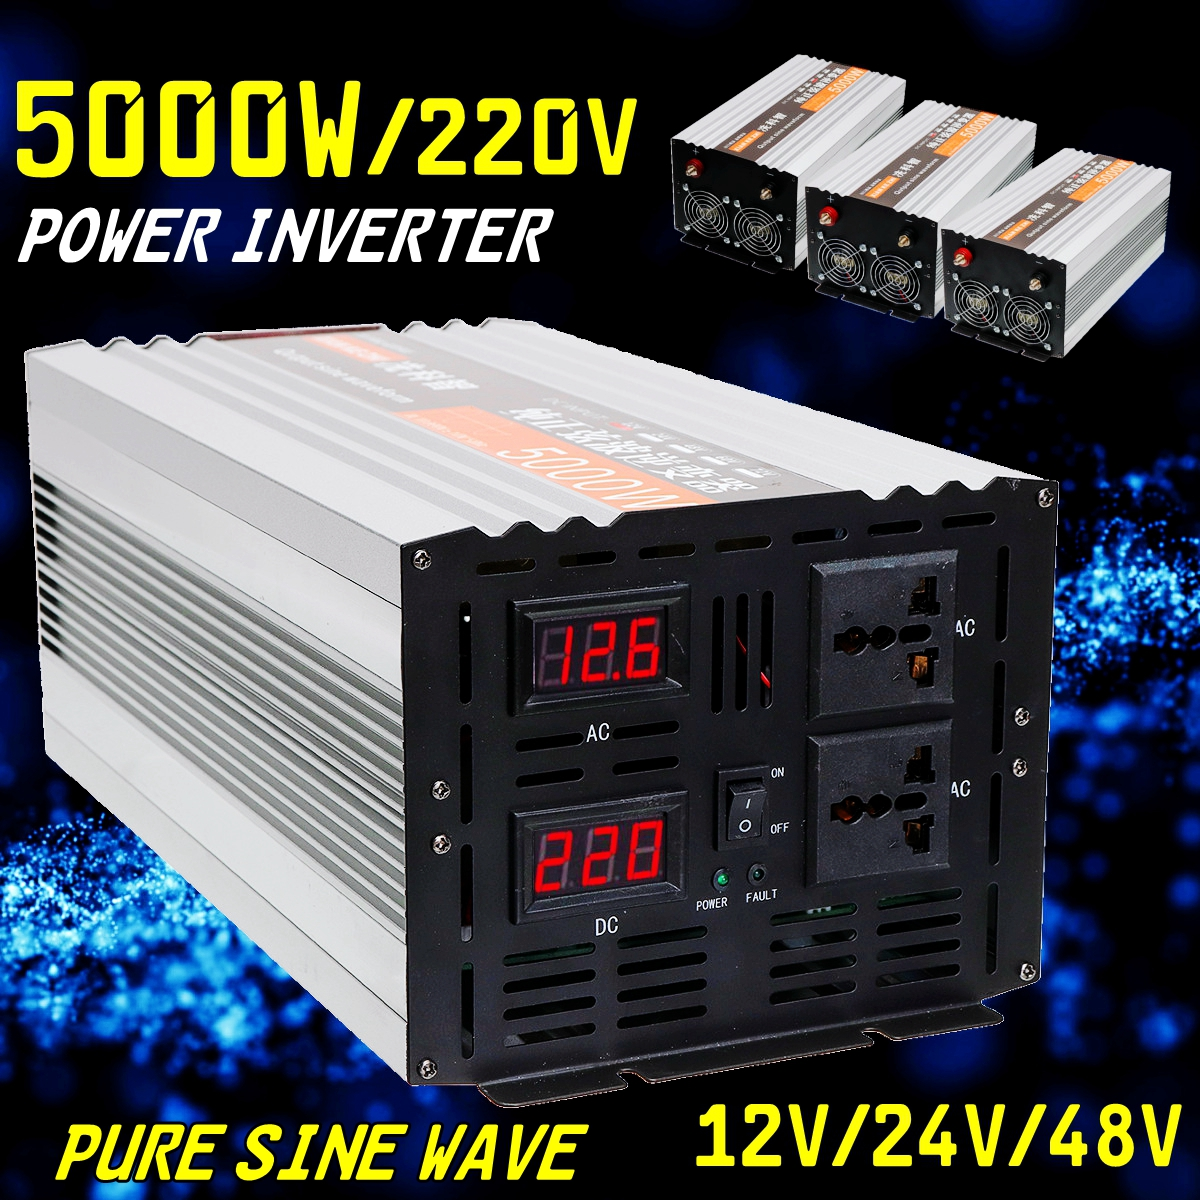 Onduleur onde sinusoïdale pure 2500 w 5000 w P eak DC 12 v/24 v/48 v à AC 220 v Tension Transformateur Converte Double LED affichage numérique